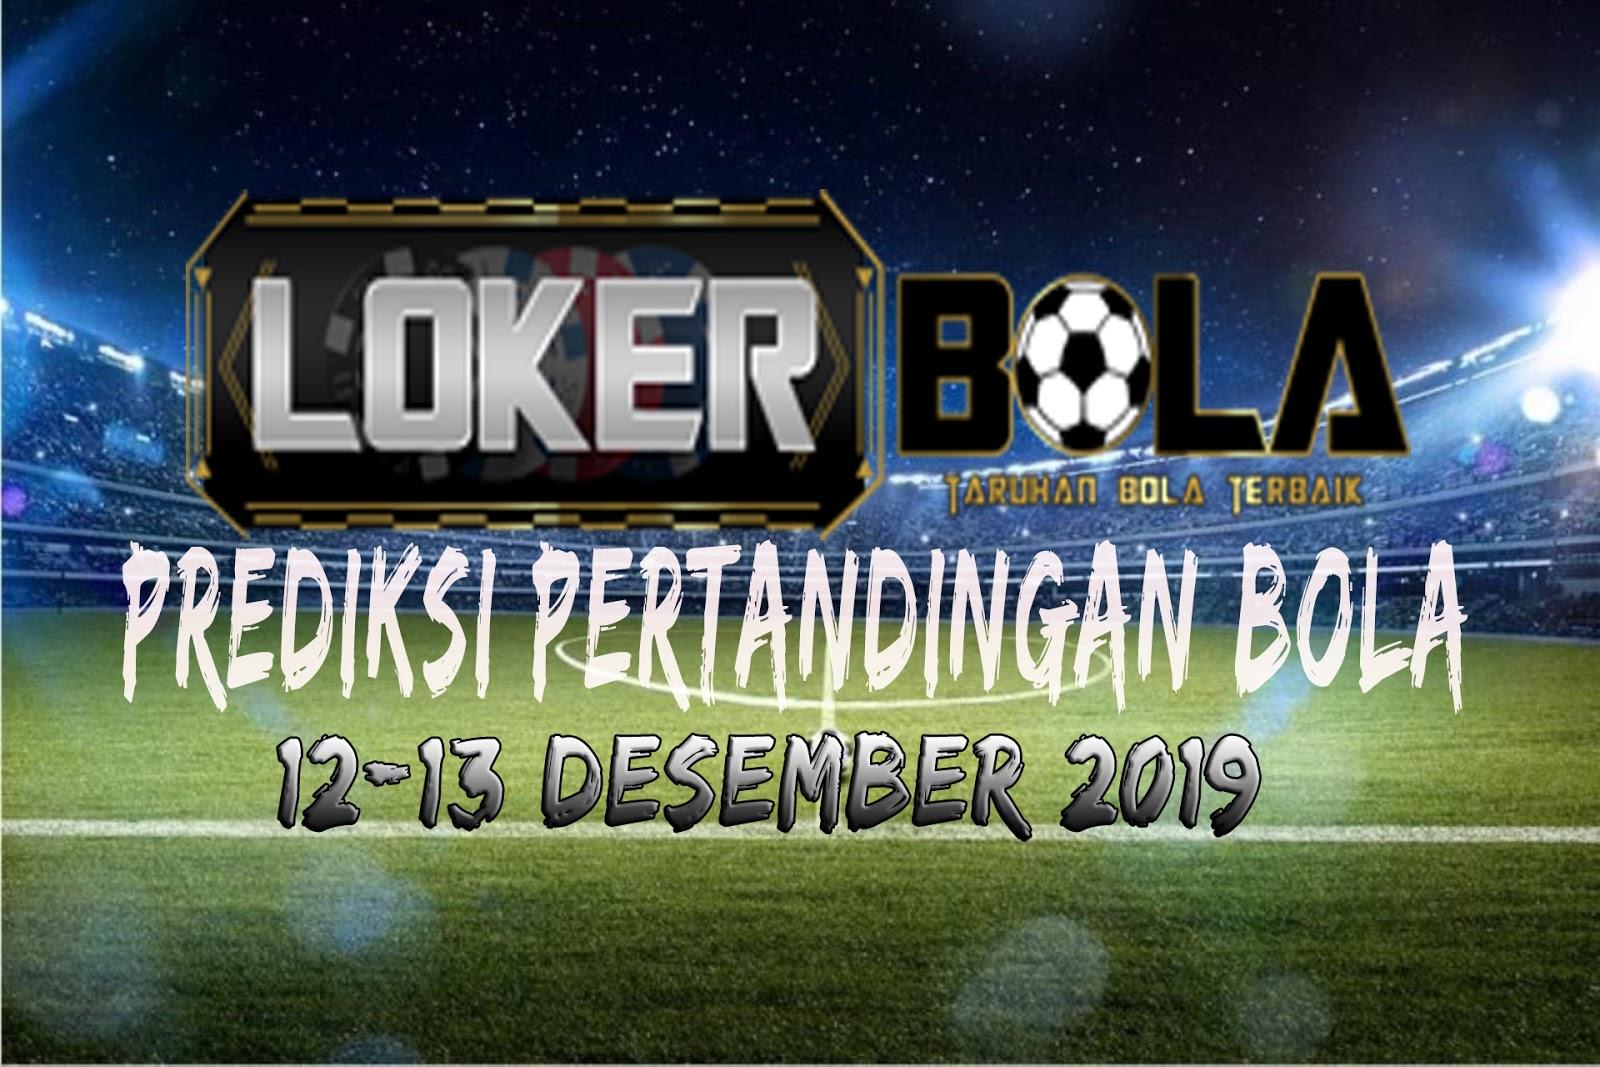 PREDIKSI PERTANDINGAN BOLA 12 – 13 DESEMBER 2019